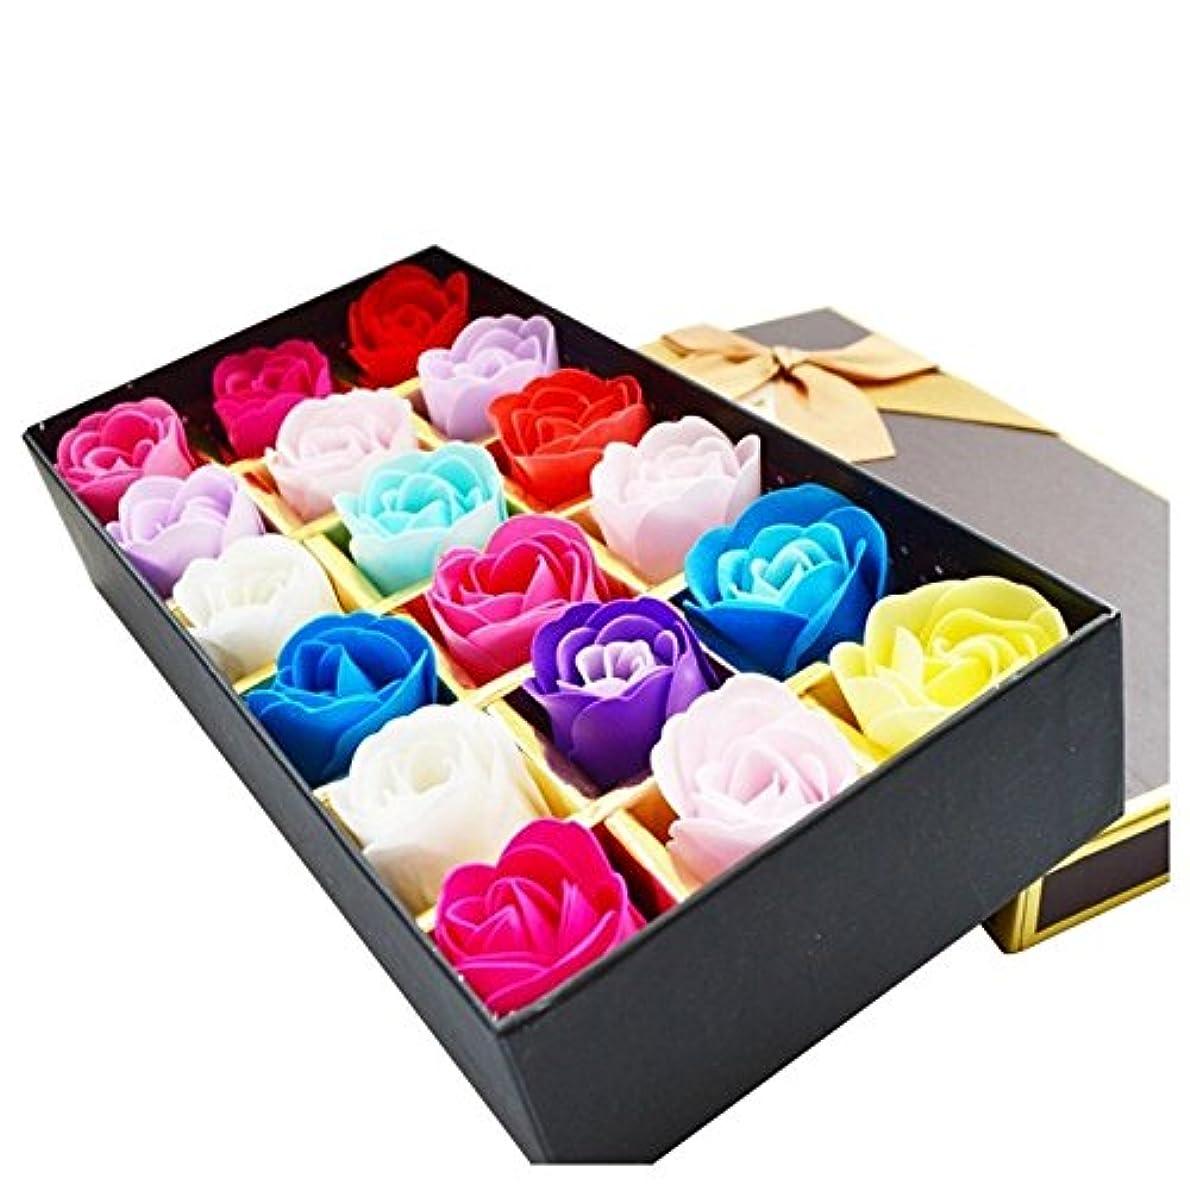 変装したコジオスコミッションローズ フラワーソープ 石鹸 薔薇 プレゼント お祝い ③ #335